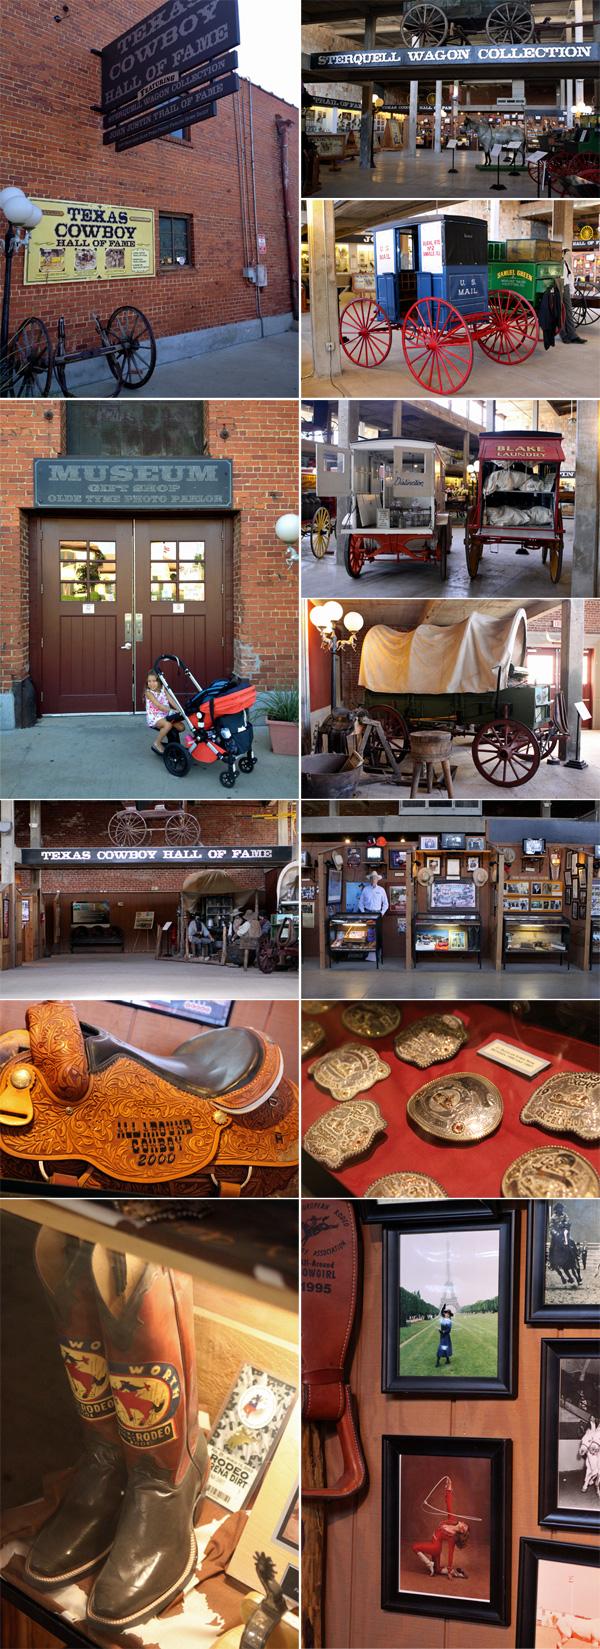 O Texas Cowboy Hall of Fame tem também uma coleção de carroças bem  interessante 71efcf4e9ac